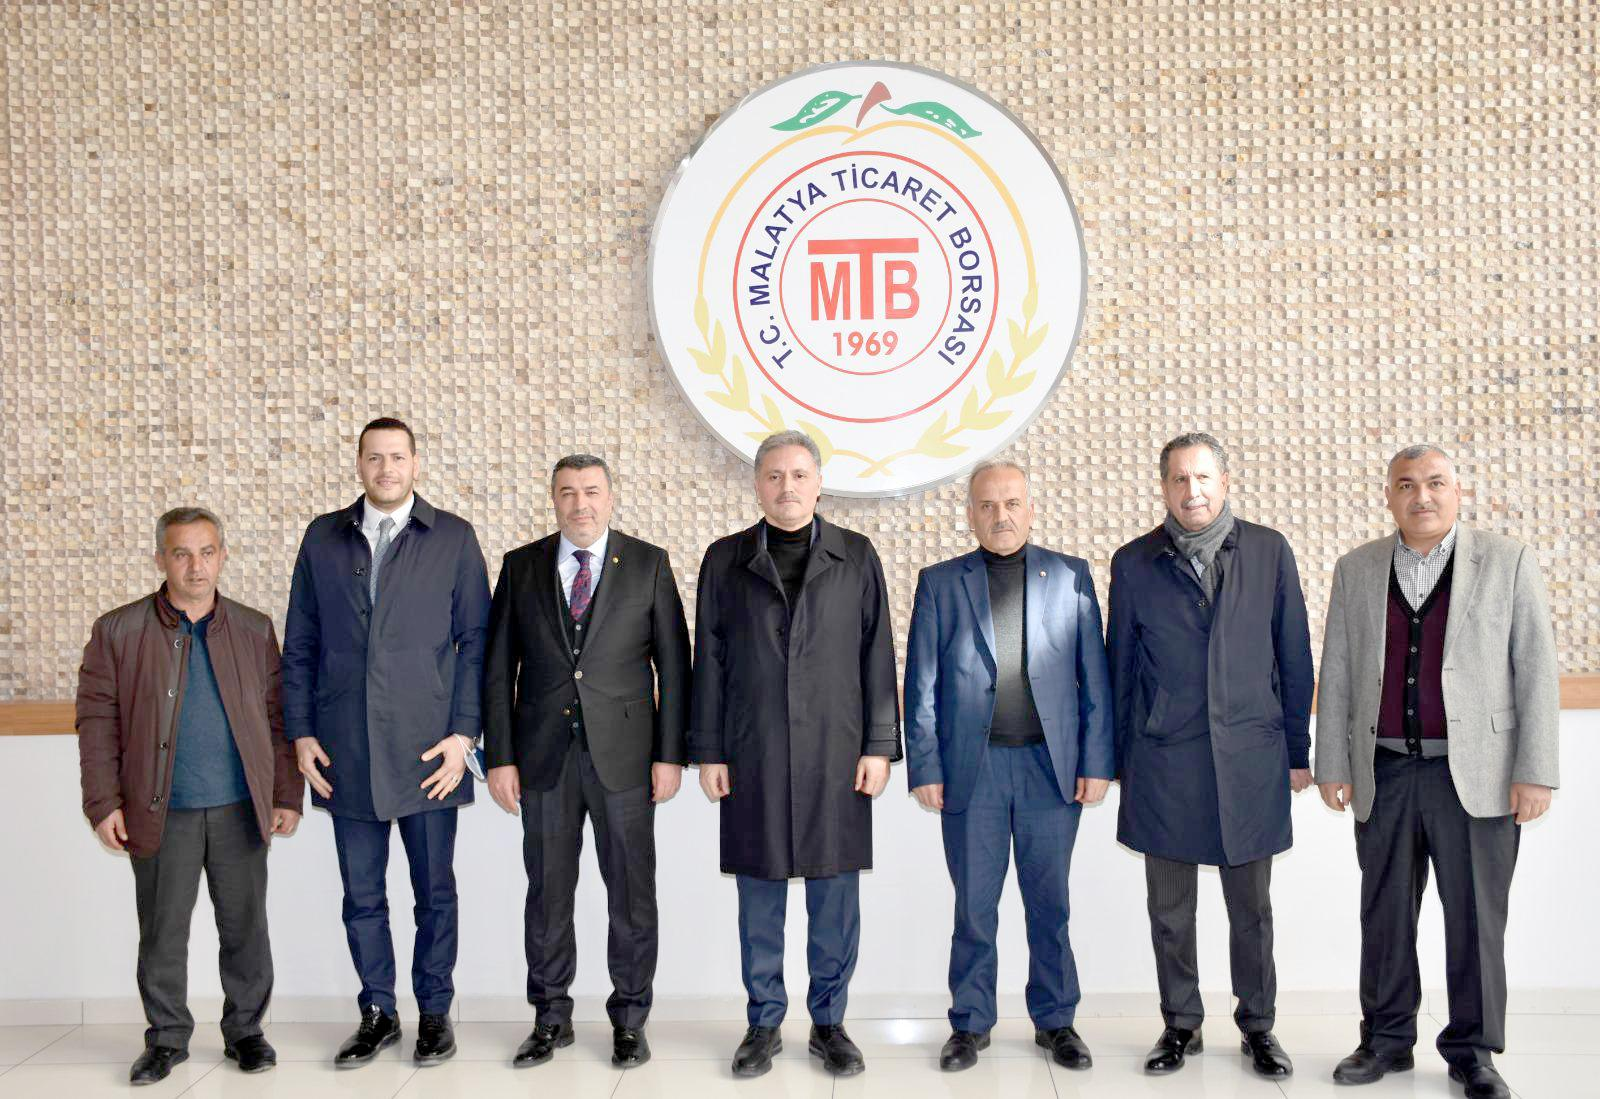 Milletvekili Çakır Malatya Ticaret Borsası'nı ziyaret etti